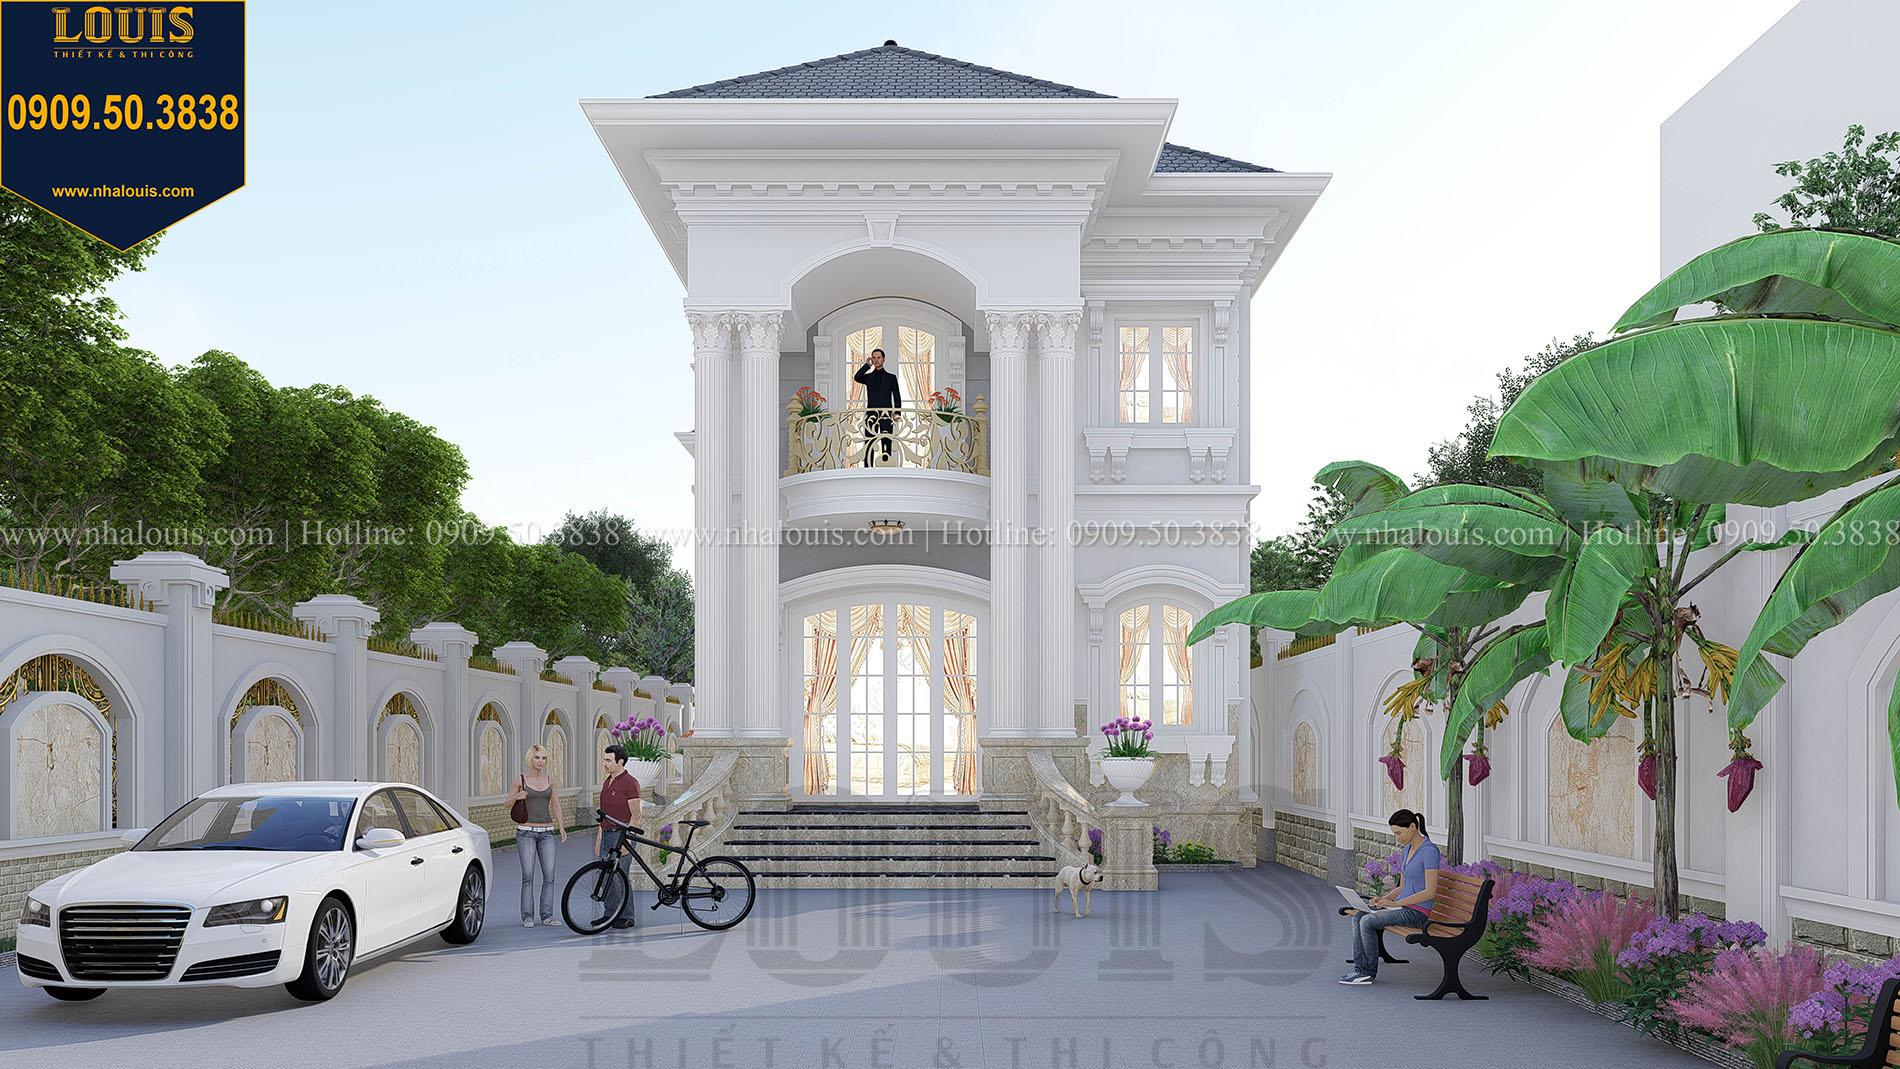 Mặt tiền Mẫu biệt thự đẹp 2 tầng tân cổ điển sang trọng tại Tây Ninh - 008